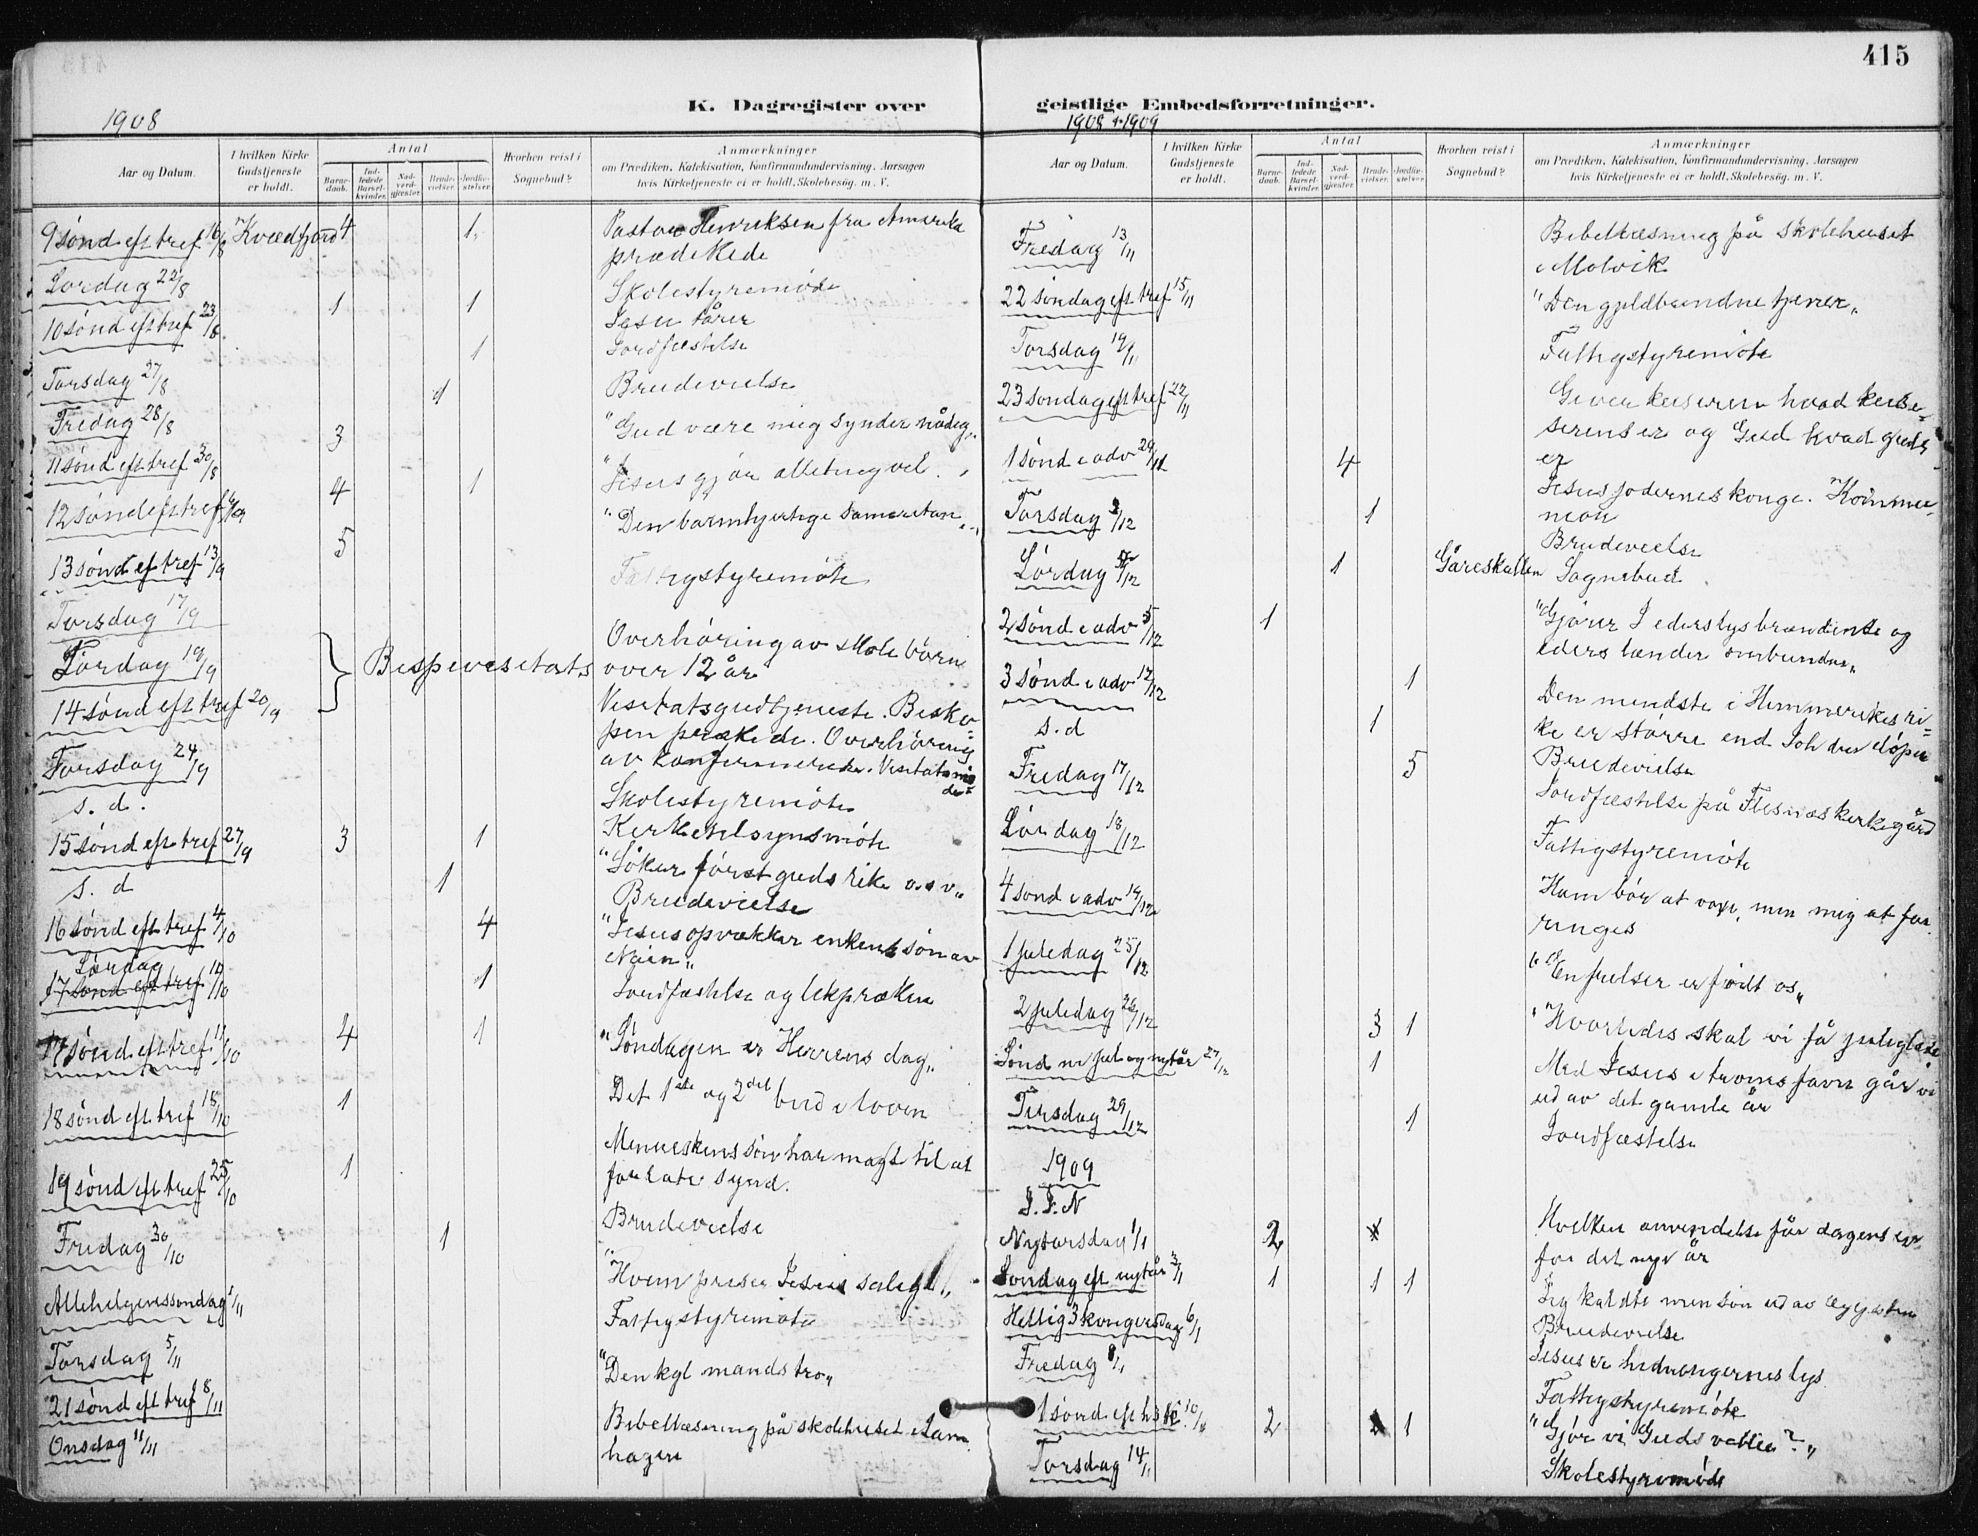 SATØ, Kvæfjord sokneprestkontor, G/Ga/Gaa/L0006kirke: Ministerialbok nr. 6, 1895-1914, s. 415